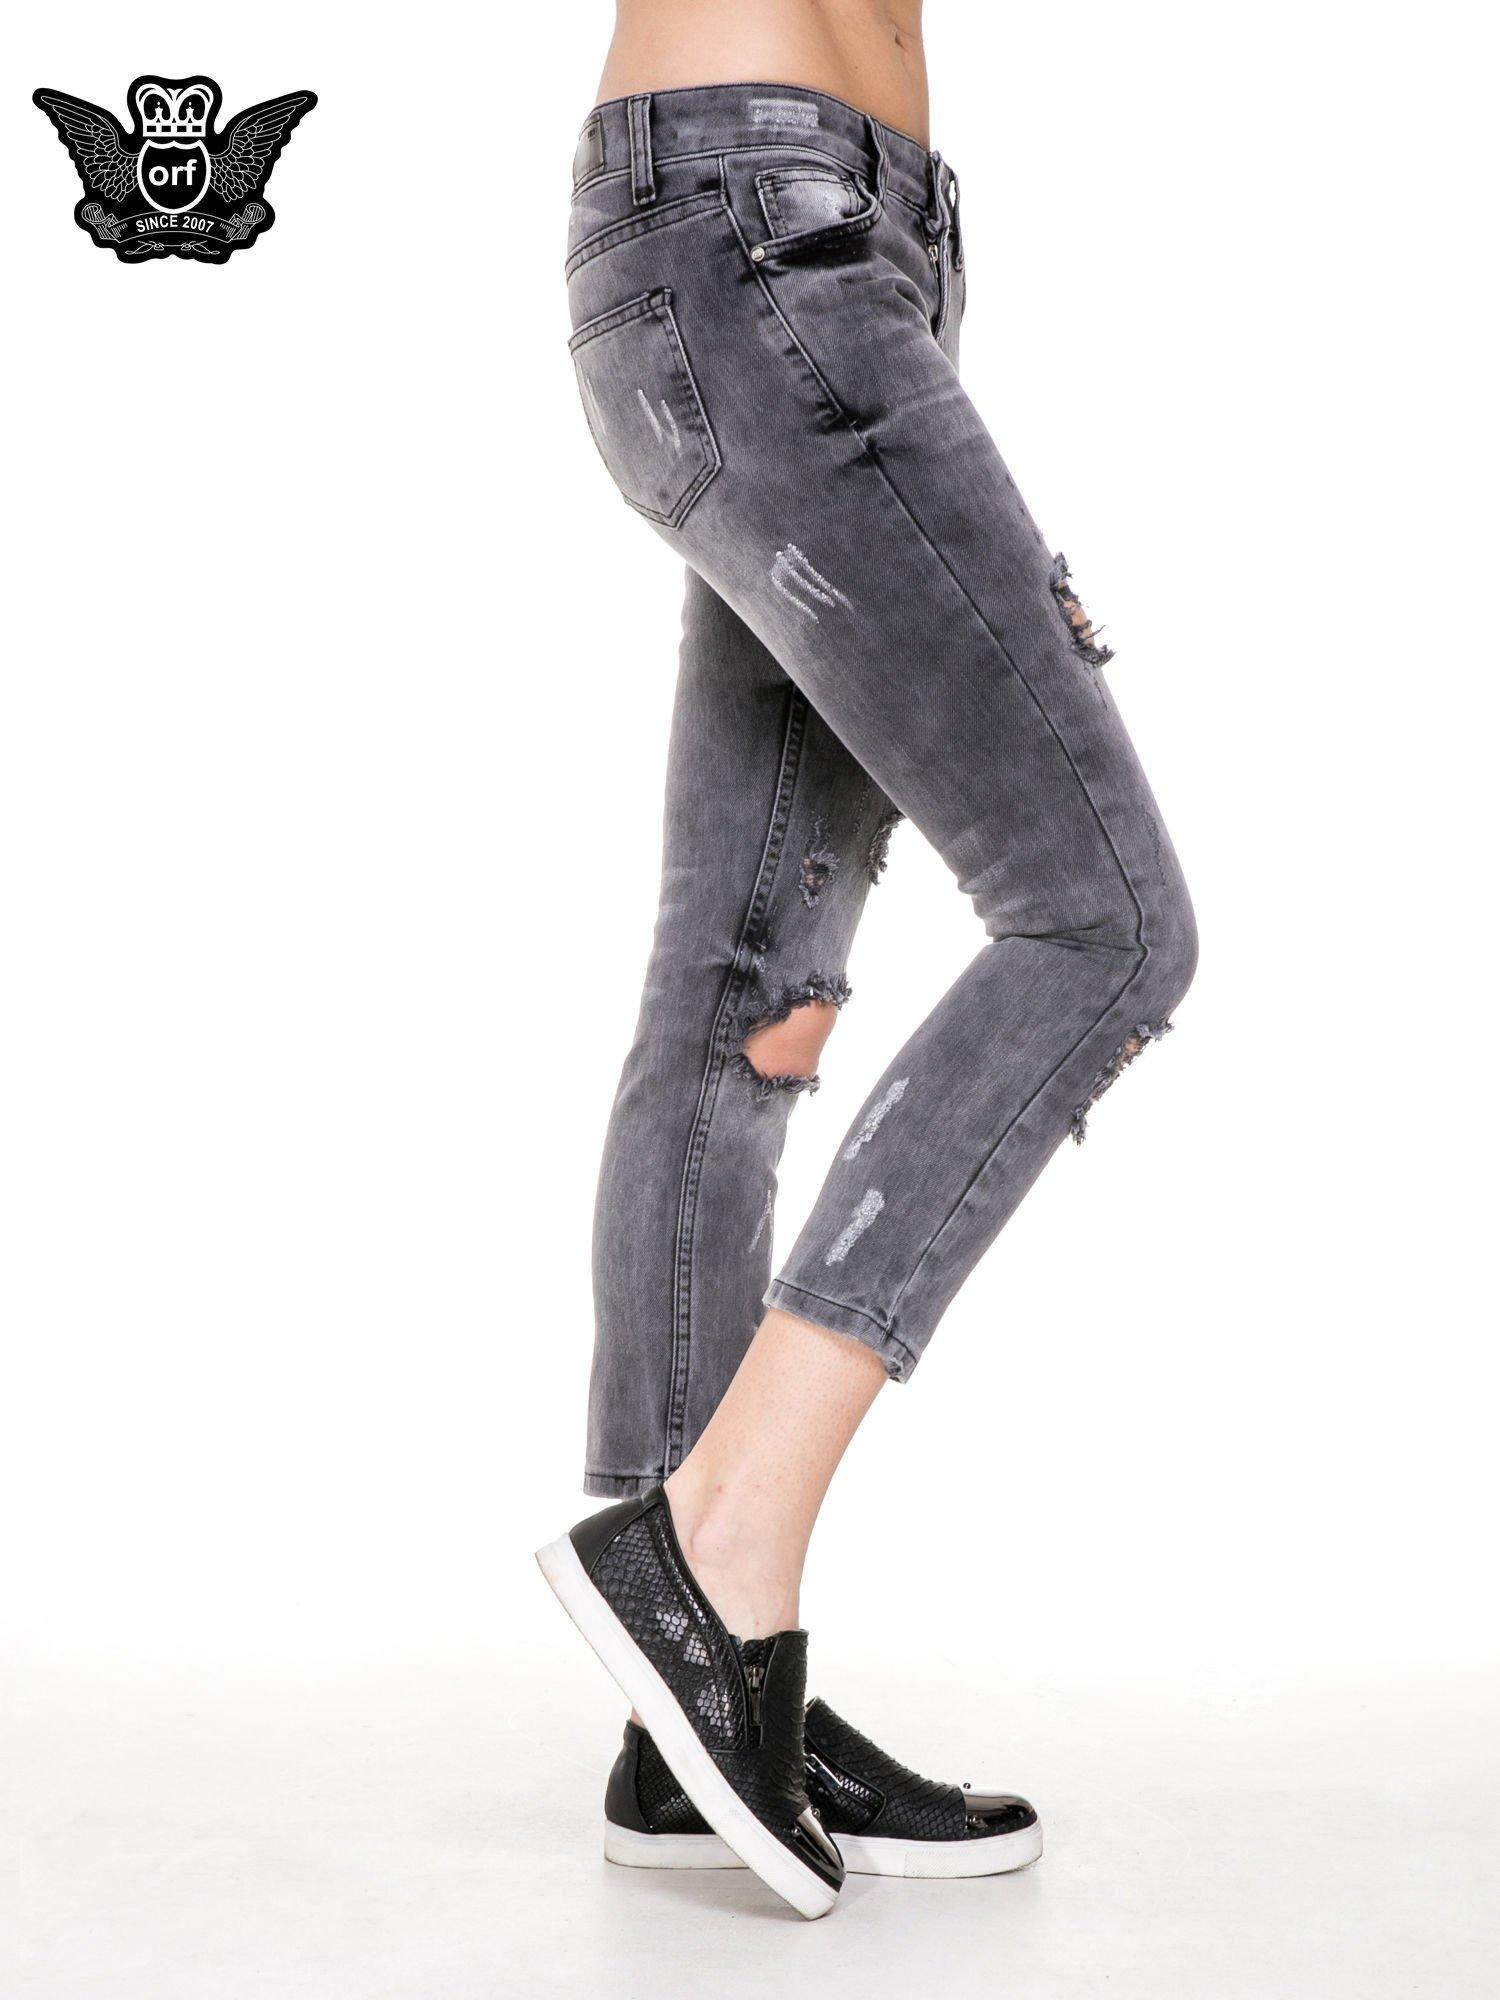 Szare rozjaśniane spodnie jeansowe 7/8 z rozdarciami                                  zdj.                                  3